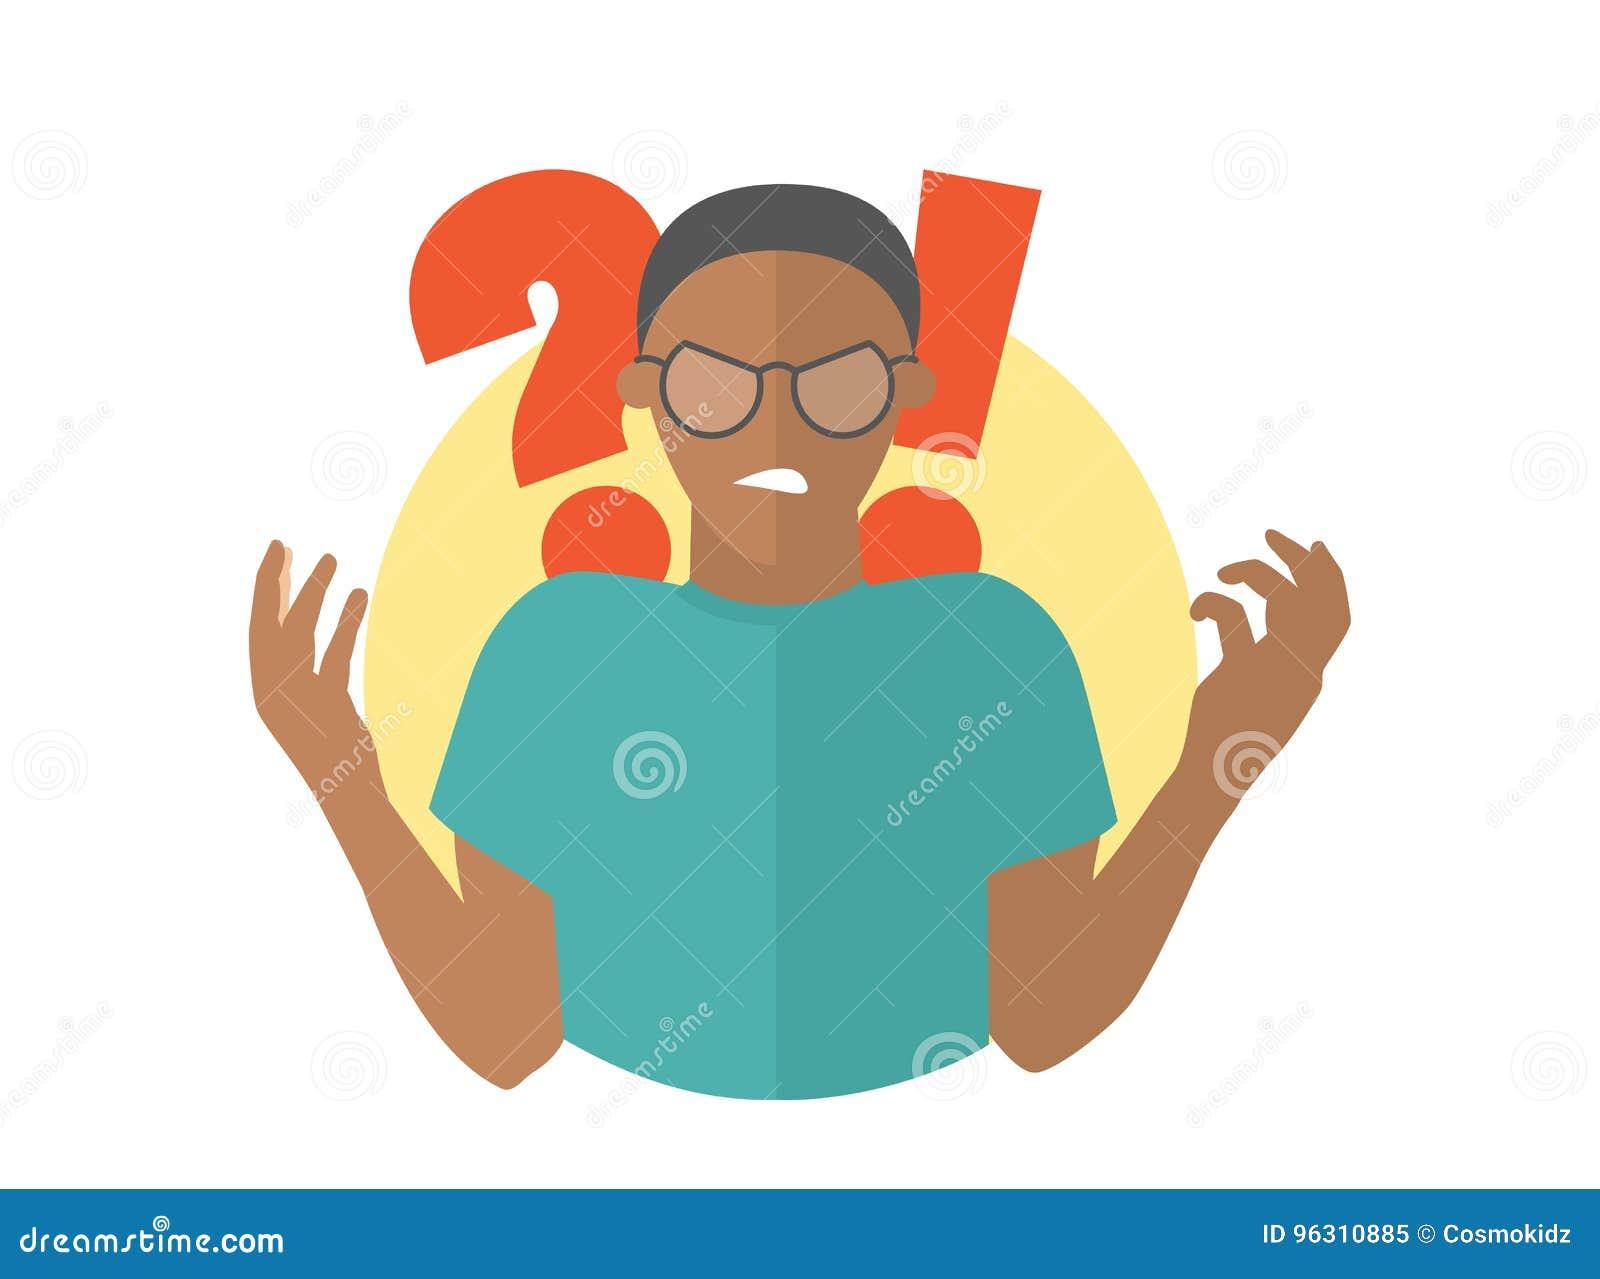 Μαύρο άτομο στα γυαλιά Τύπος στην οργή Επίπεδο εικονίδιο σχεδίου Απλά editable απομονωμένη διανυσματική απεικόνιση